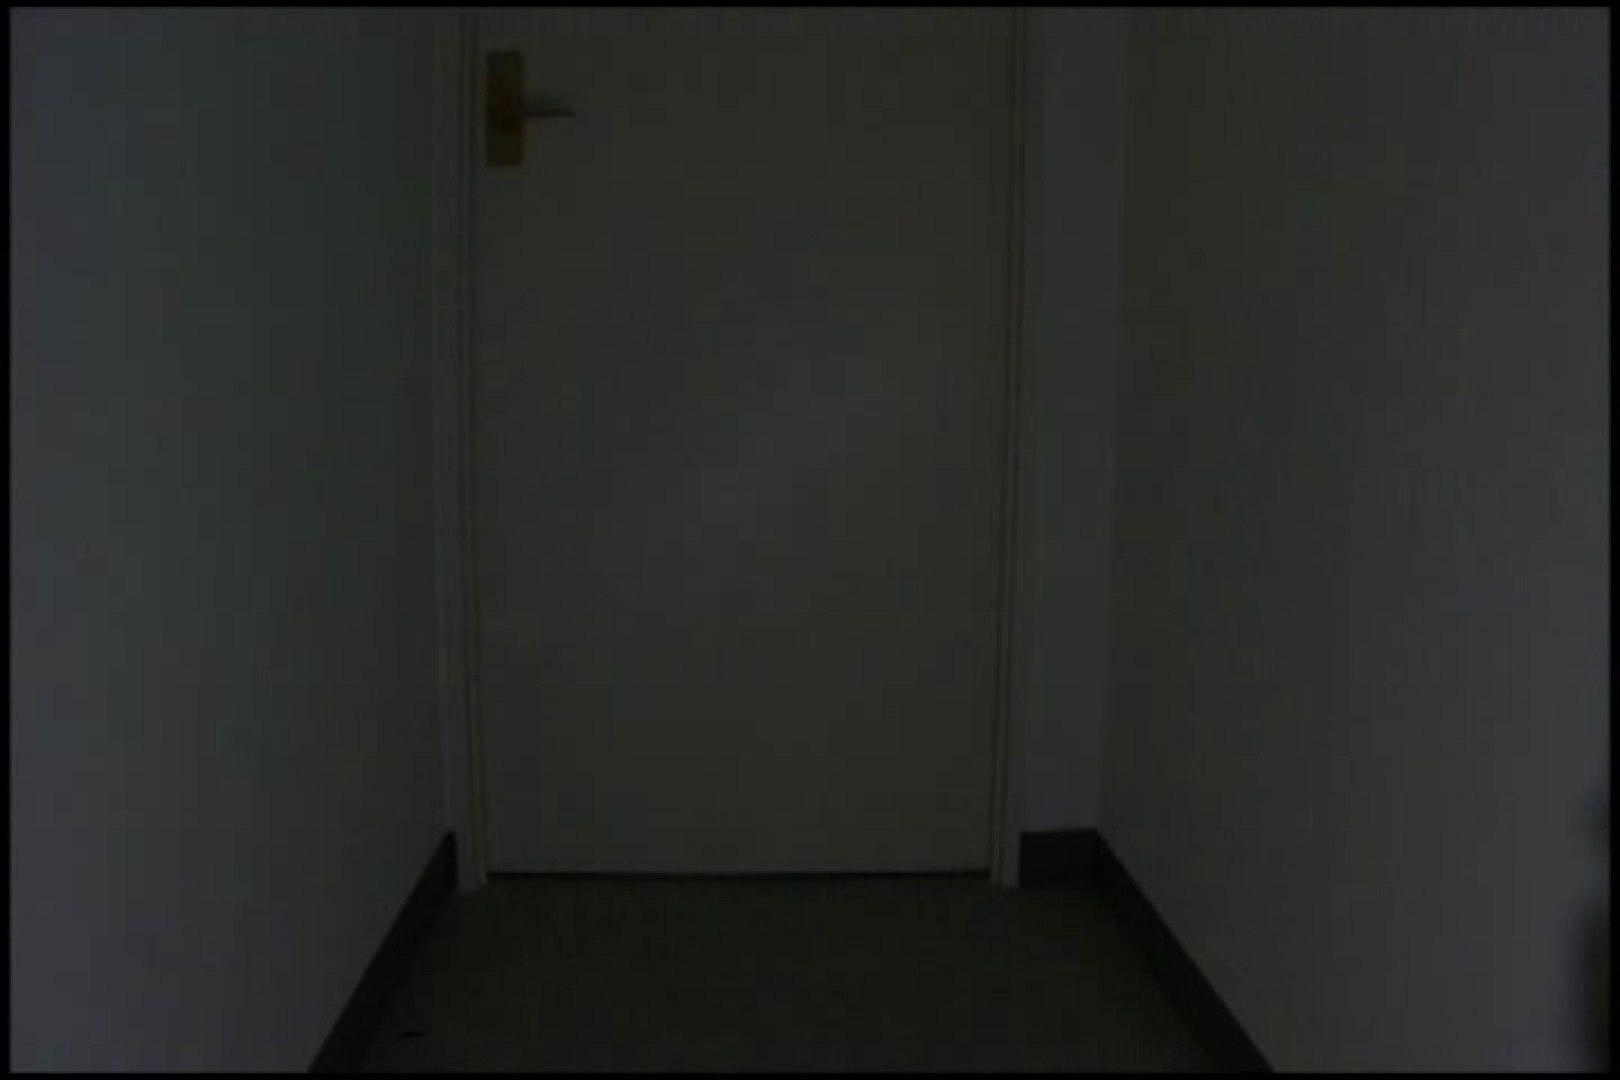 和式にまたがる女たちを待ちうけるカメラの衝撃映像vol.04